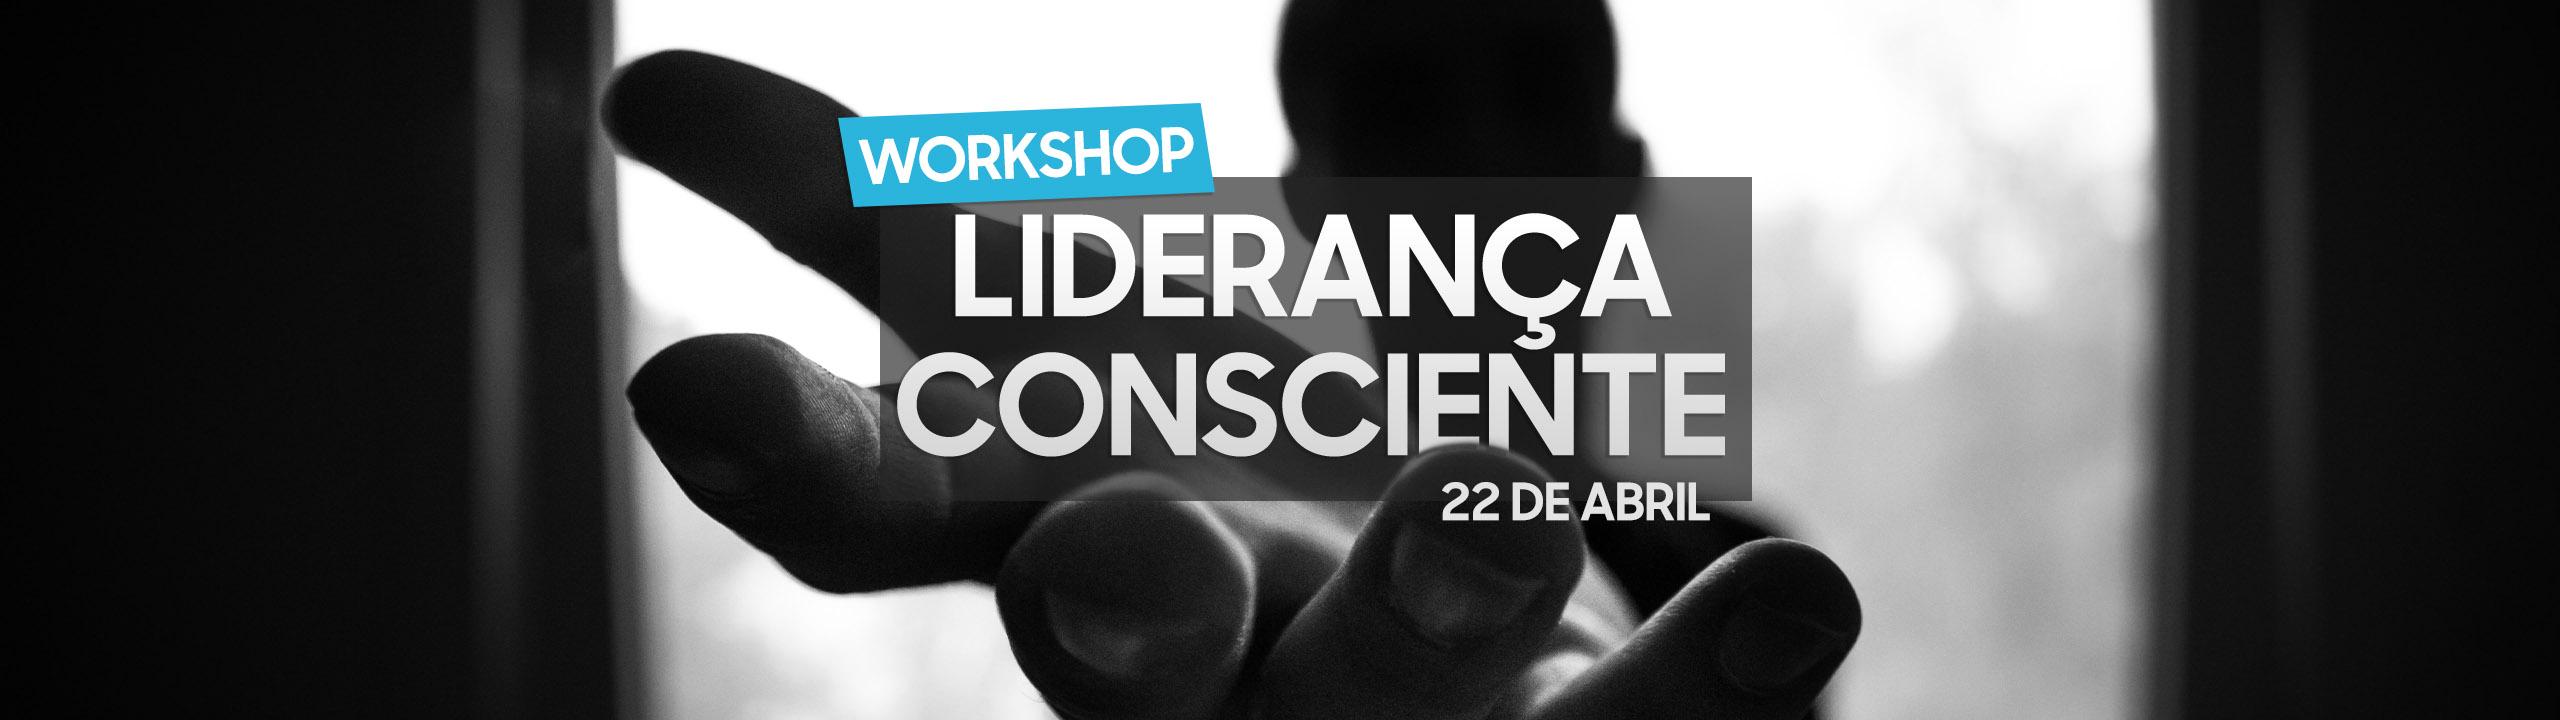 Workshop Liderança Consciente - Lisboa - 22 de Abril de 2020